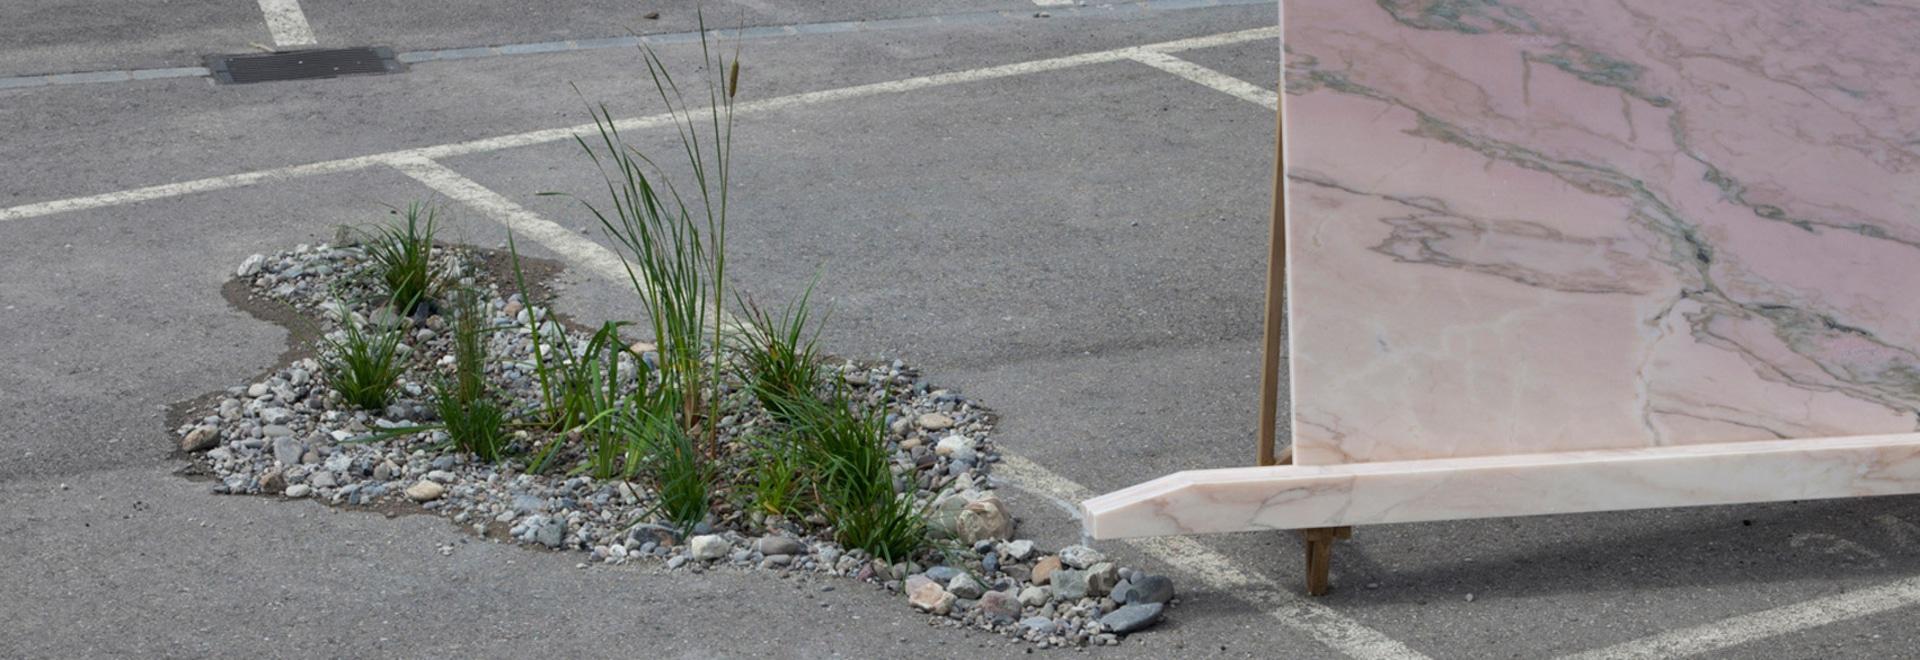 Sechs Outdoor-Urinale für den Fall, dass Sie in der Wildnis pinkeln müssen